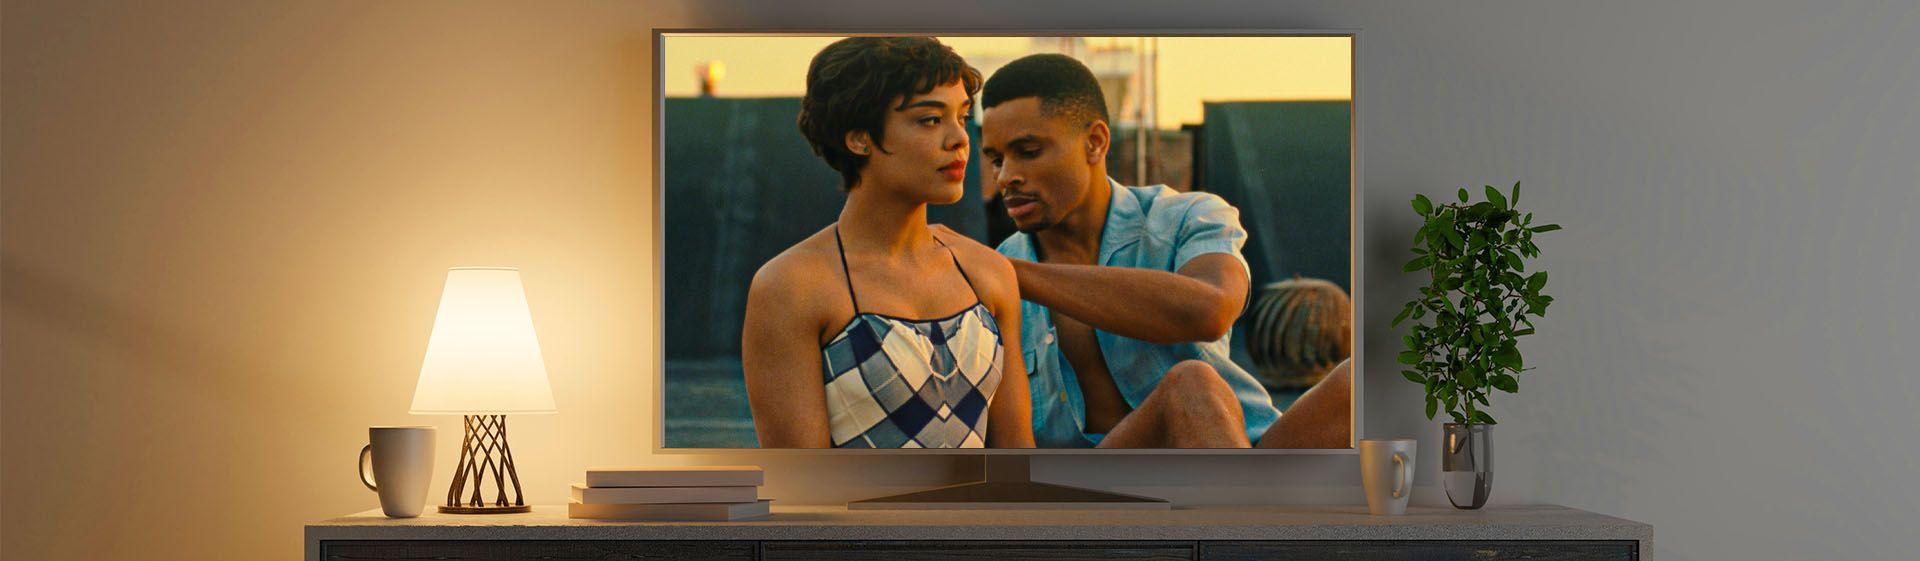 Filmes Amazon Prime Video 2021: confira a lista com os 10 melhores conteúdos novos